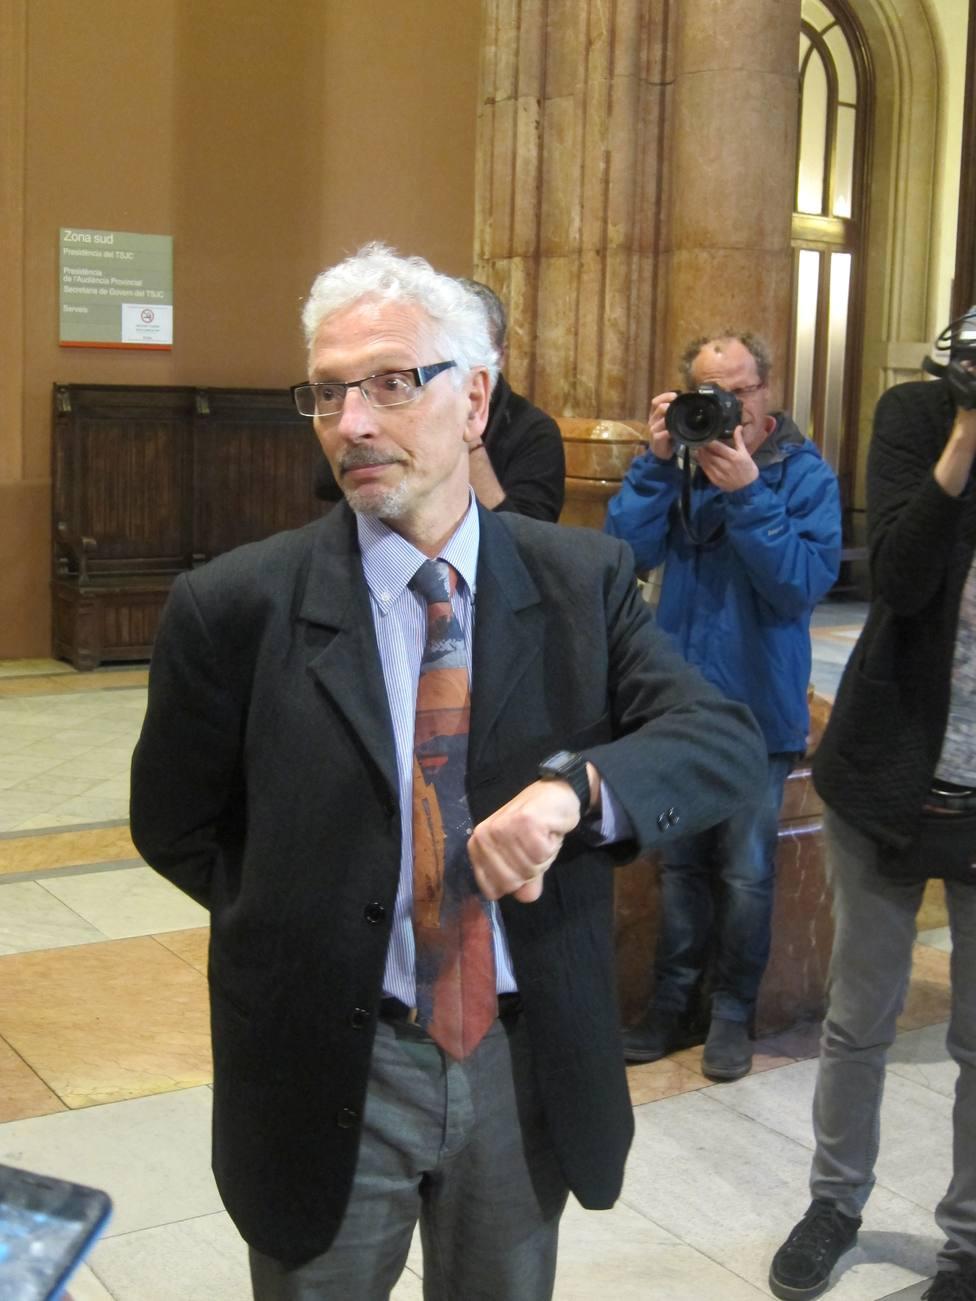 El juez Vidal tramita su jubilación 5 meses después de reincorporarse a un juzgado de los Social de Barcelona